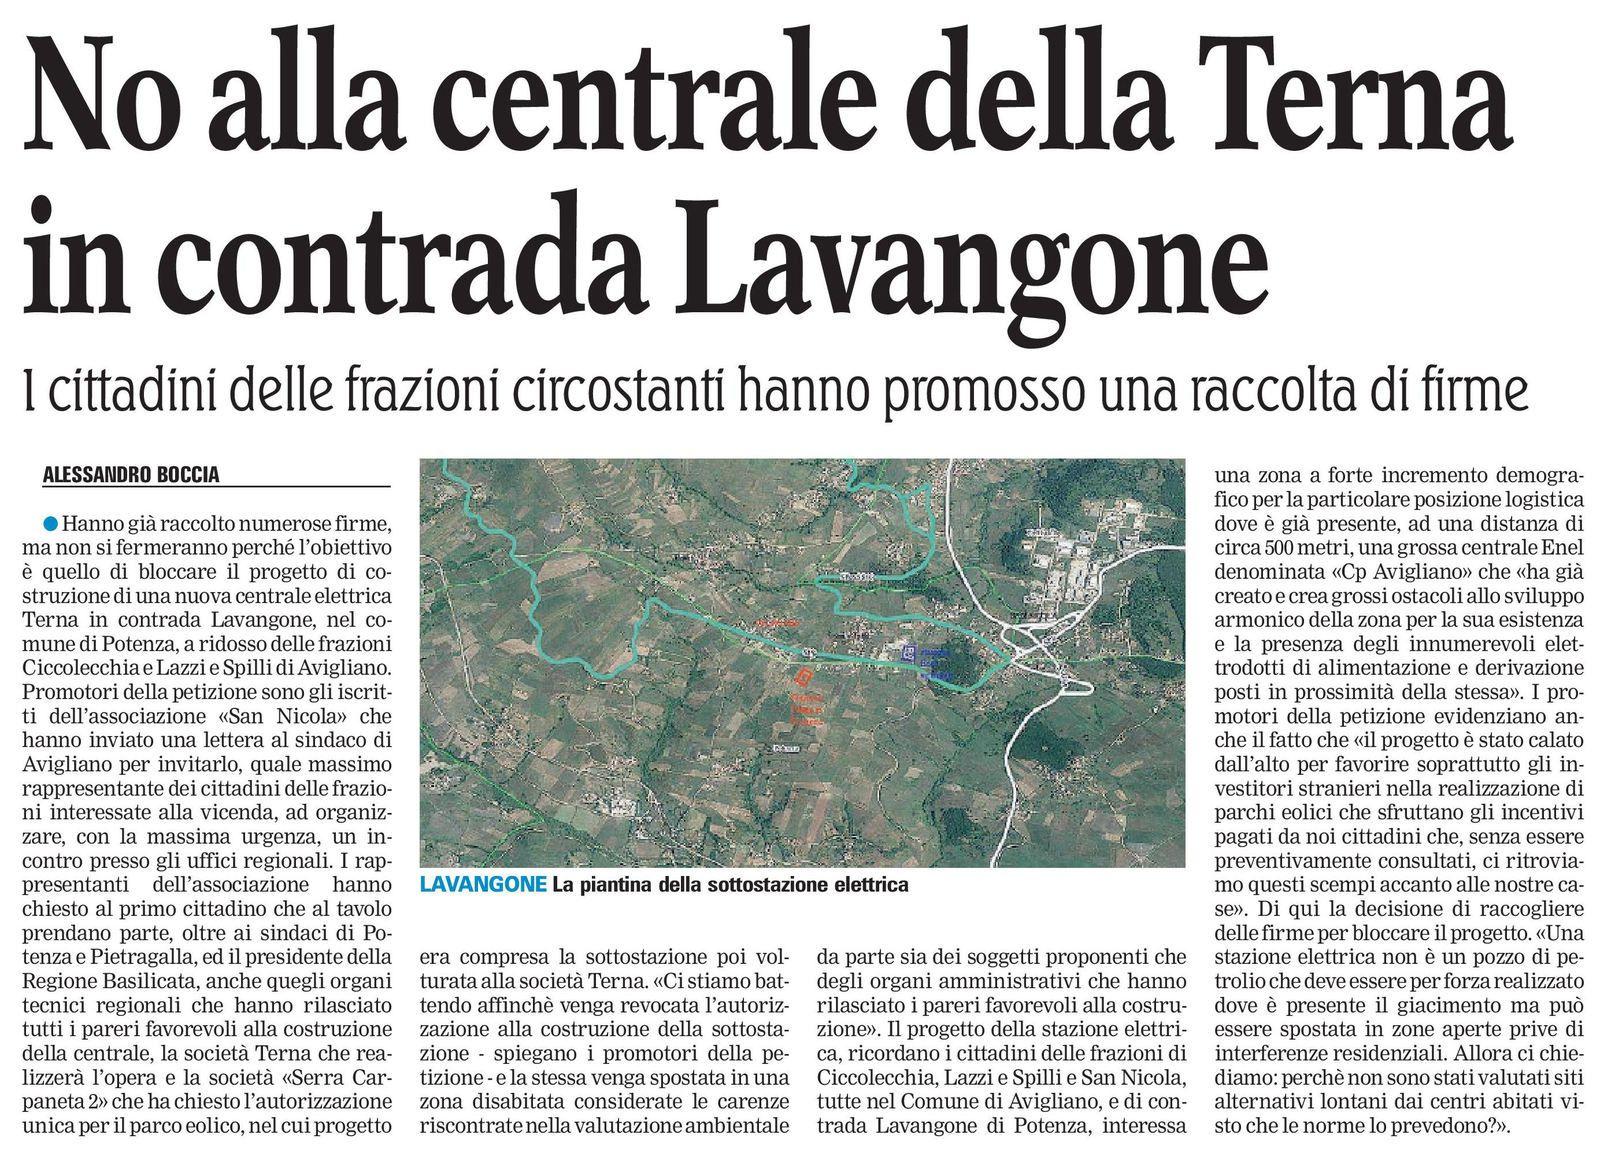 Gazzetta del Mezzogiorno - ed. 1° giugno 2016